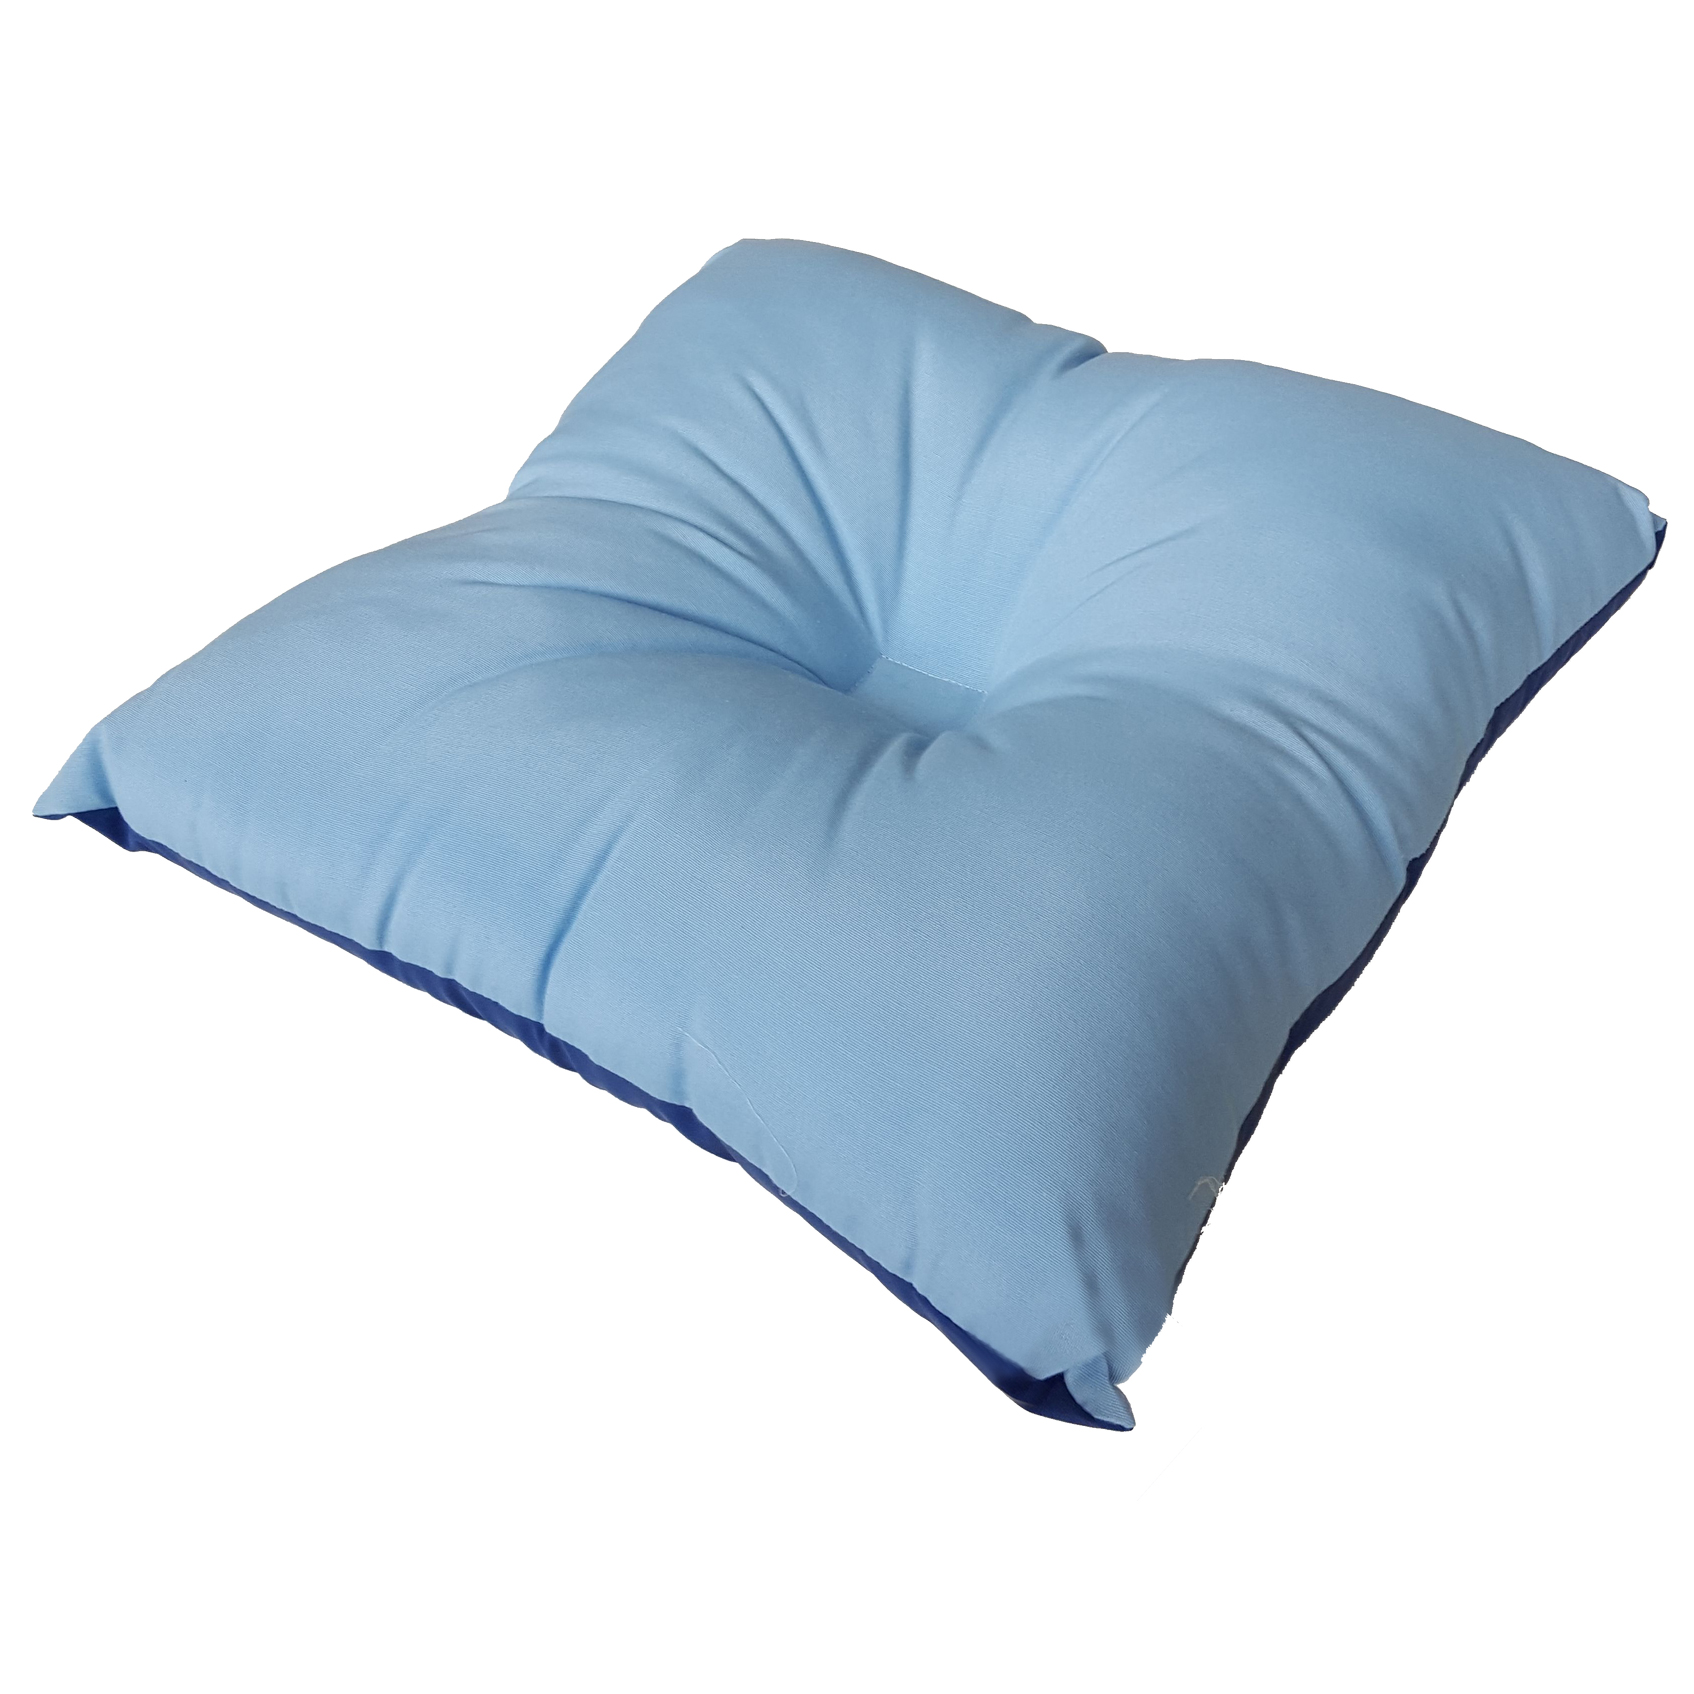 Cuscino fibra con foro